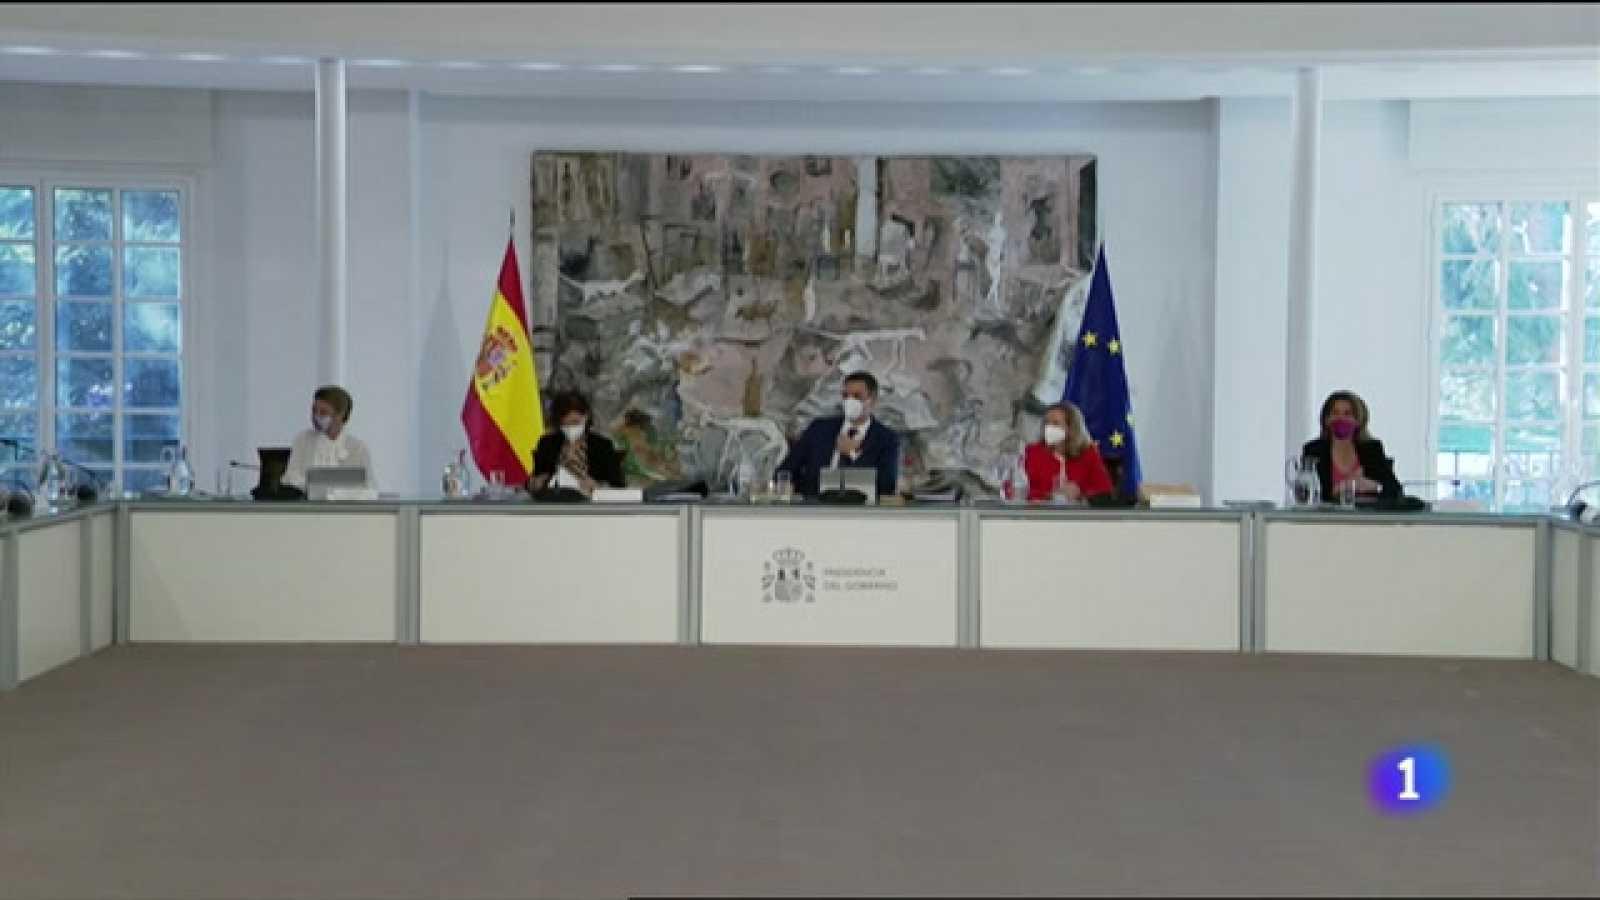 L'Informatiu Comunitat Valenciana 1 - 07/04/21 ver ahora